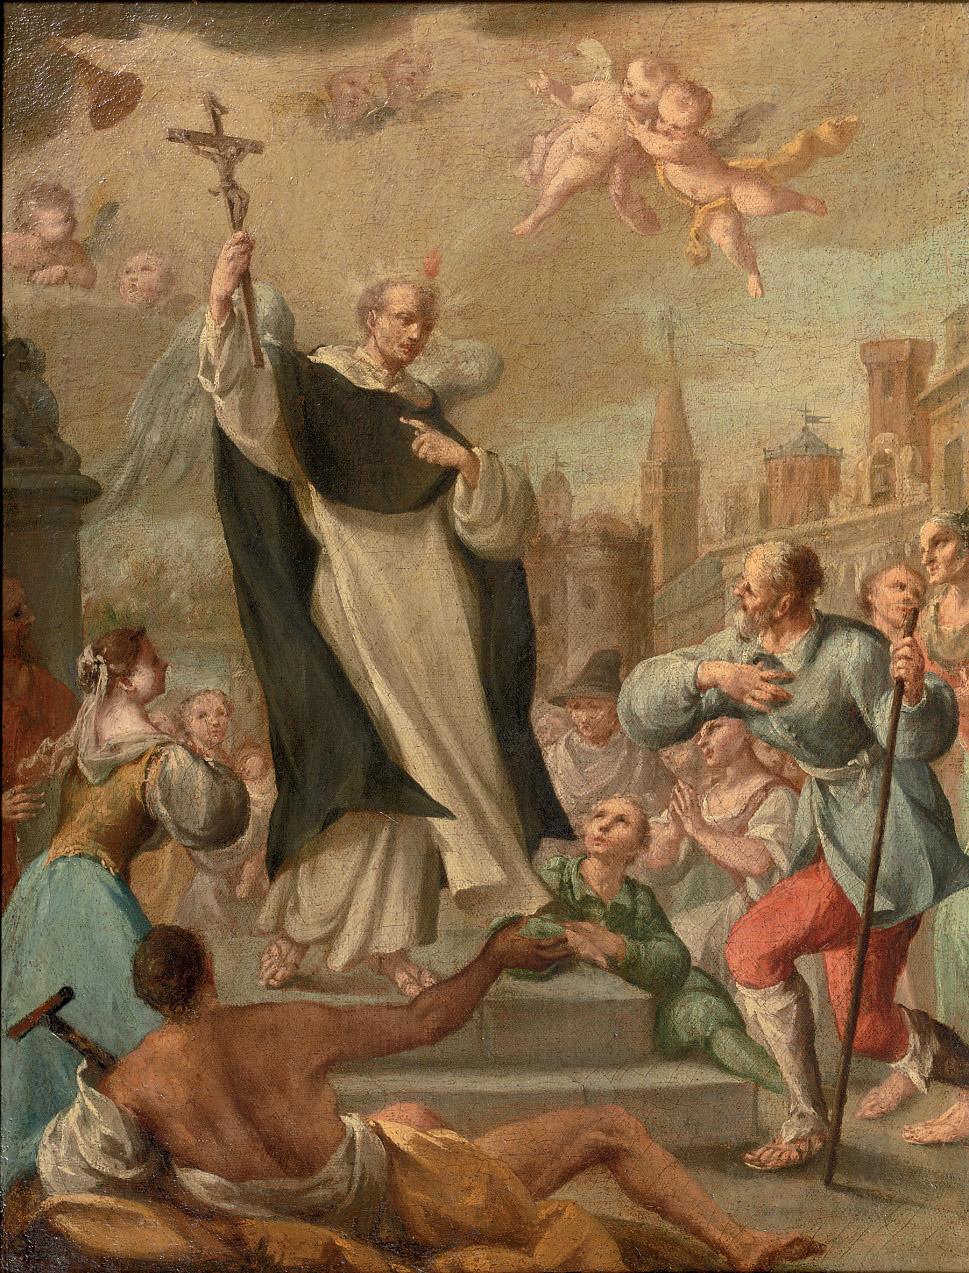 Saint Ignatius of Loyola healing the possessed